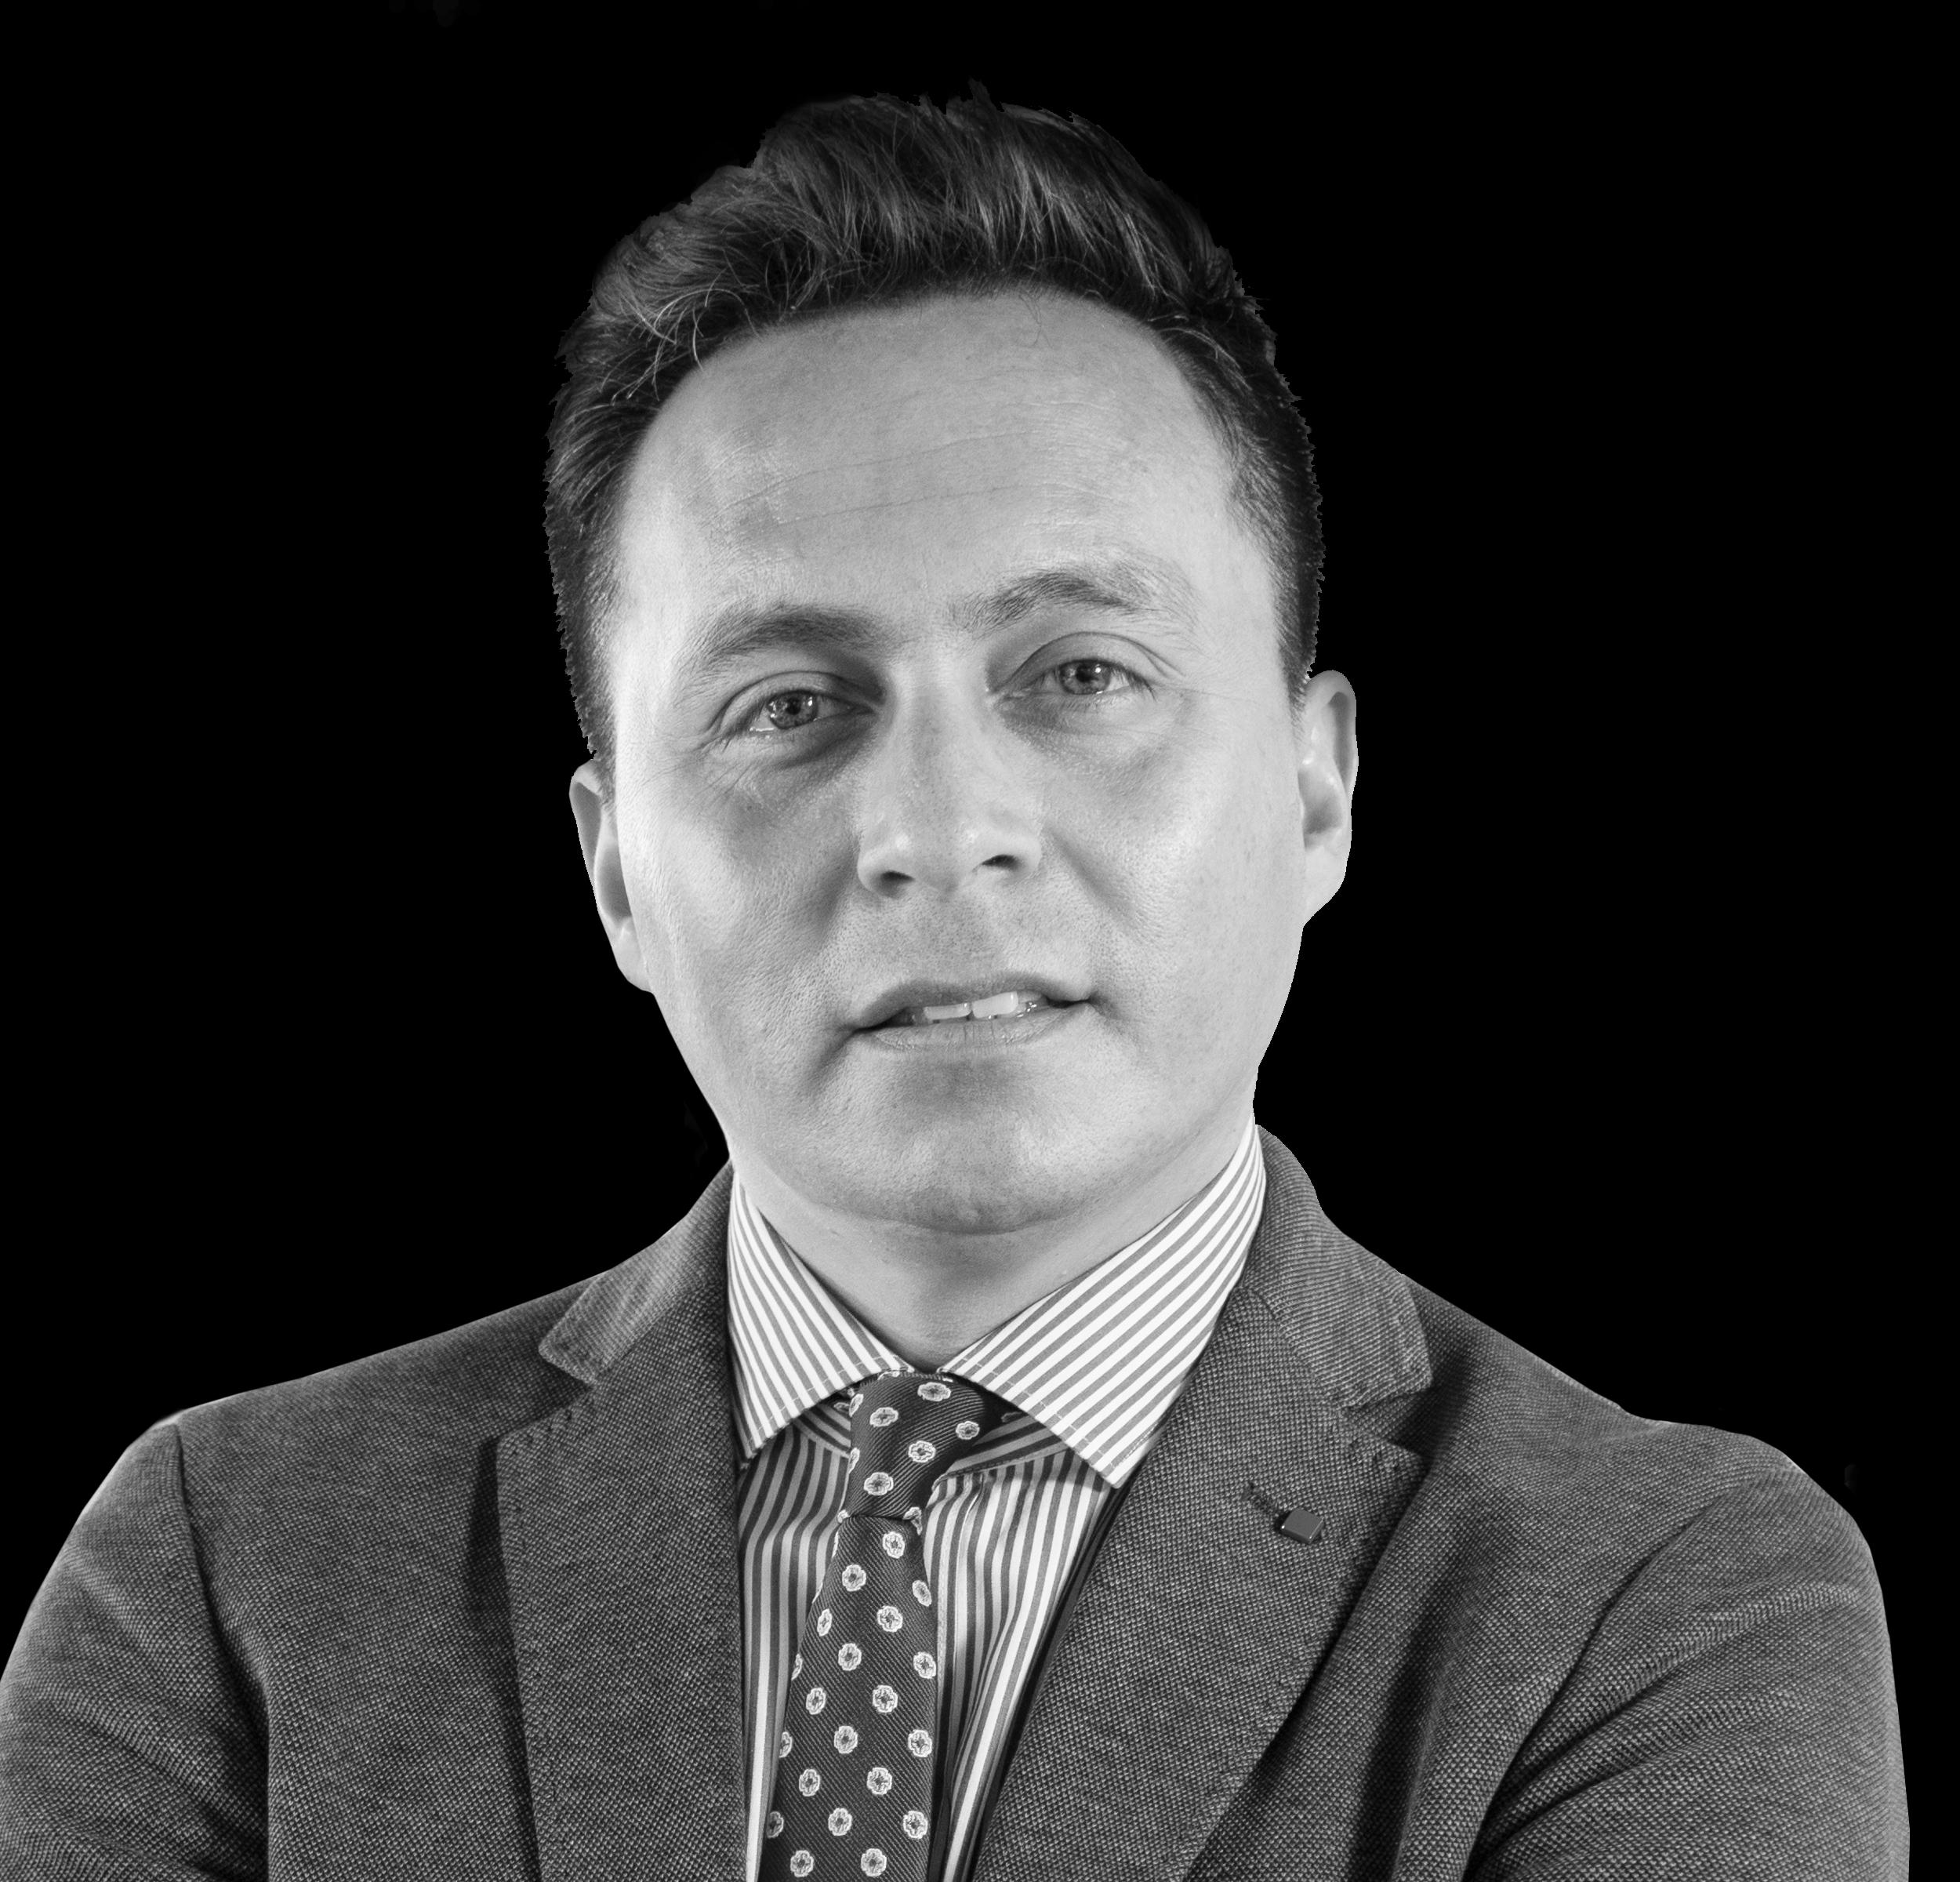 Cristián Maulén, director del Observatorio de Sociedad Digital de la Facultad de Economía y Negocios de la Universidad de Chile